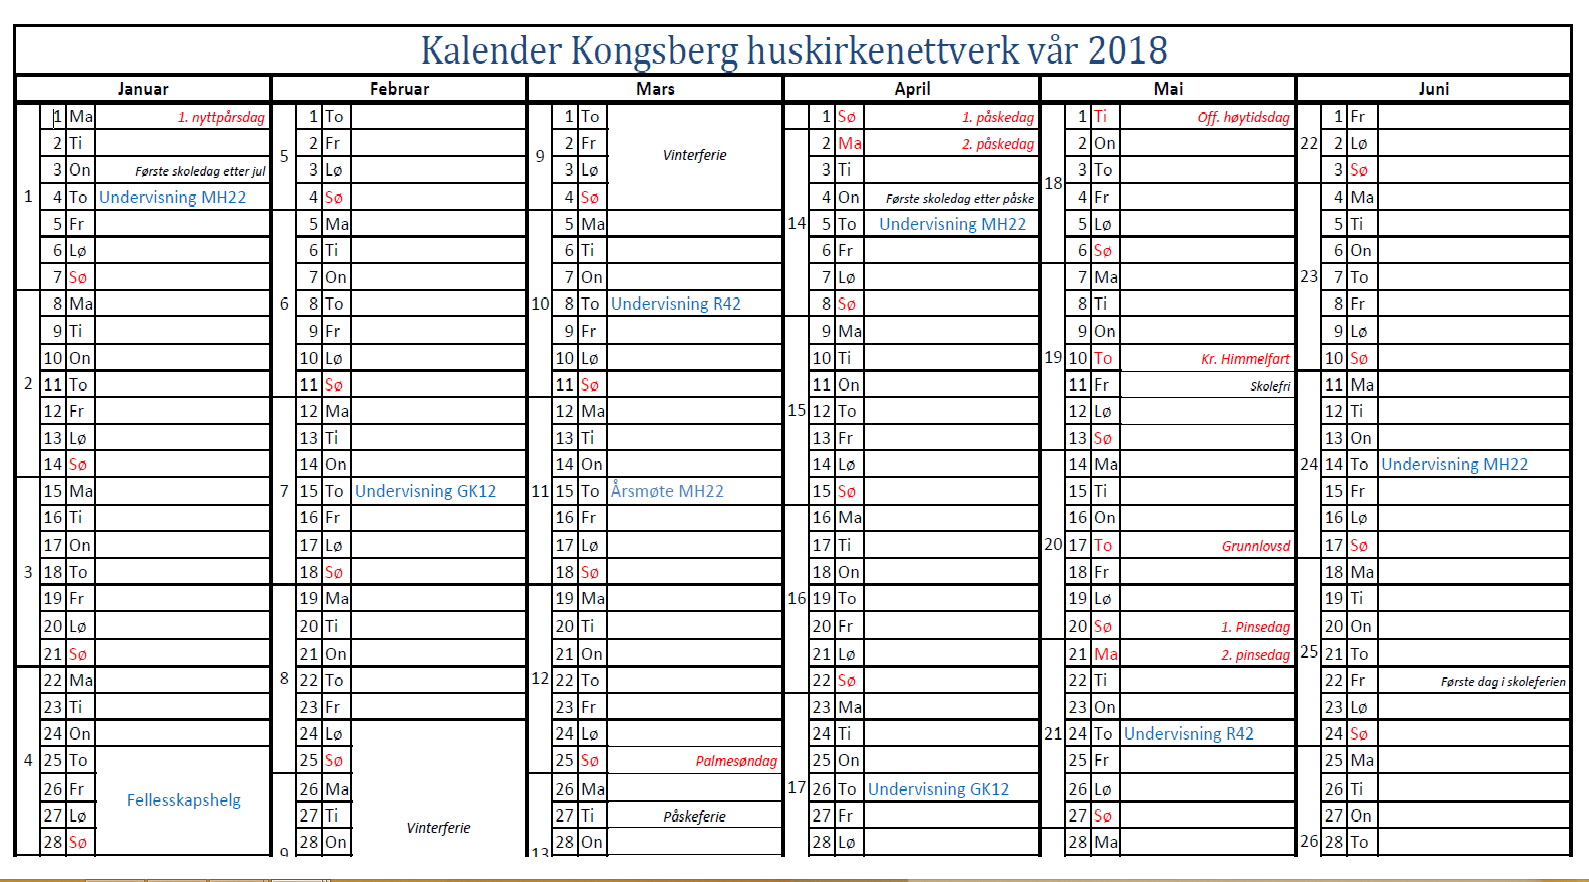 kalender Kongsberg huskirkenettverk våren 2018